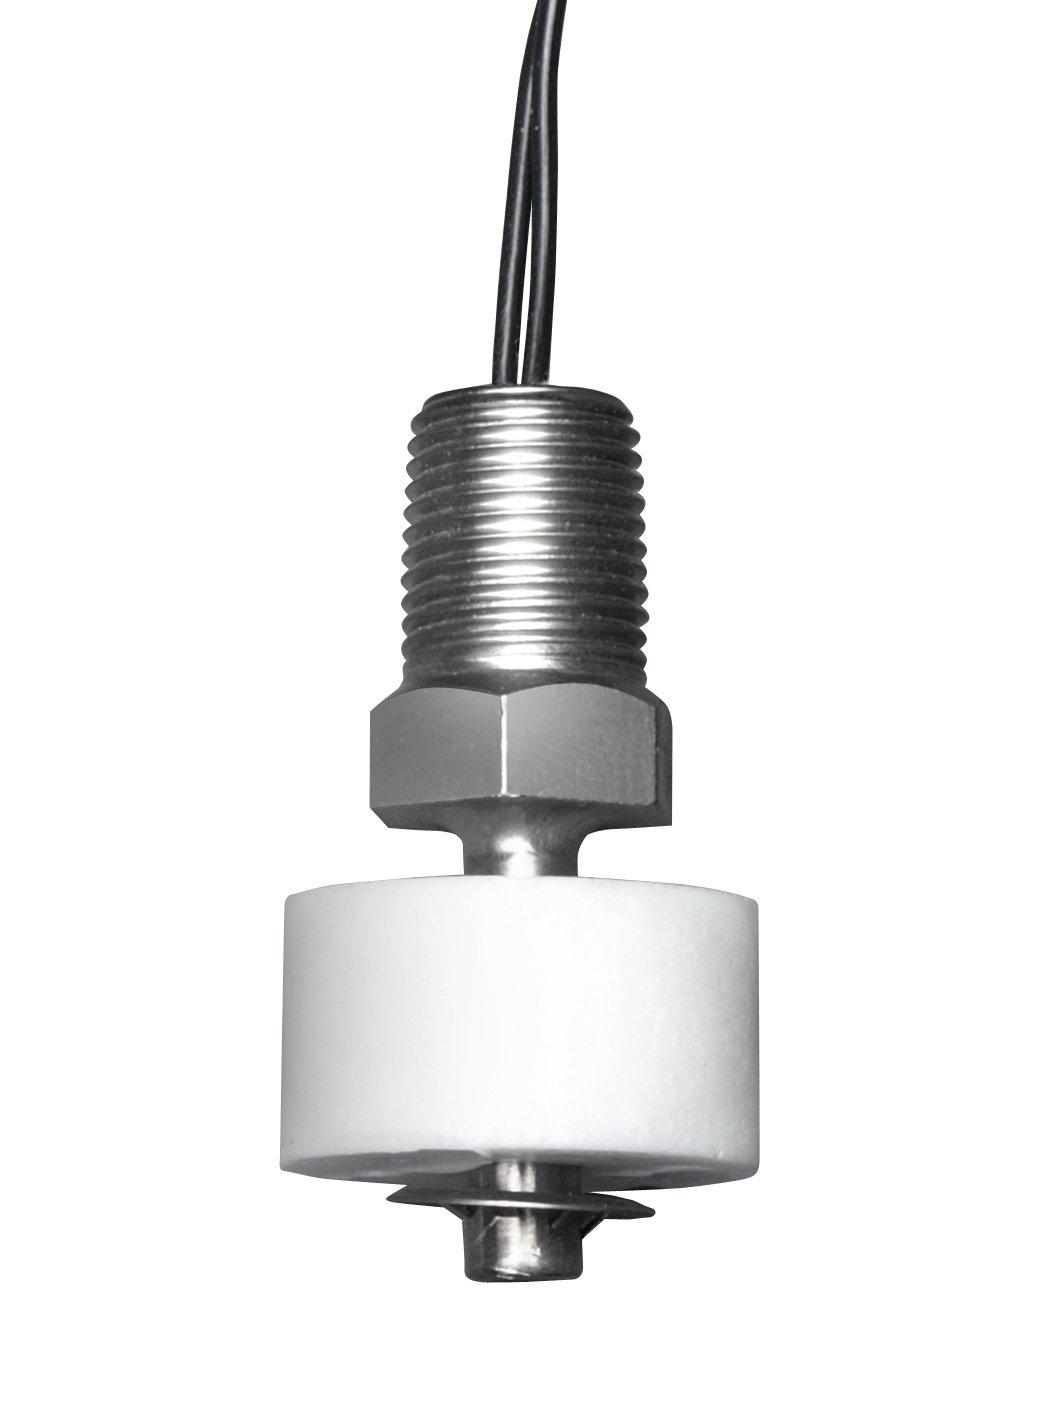 Madison M4035 Plastic Subminiature Liquid Level Float Switch with Vertical Mount, 15 VA SPST, 1/8'' NPT, 100 psig Pressure